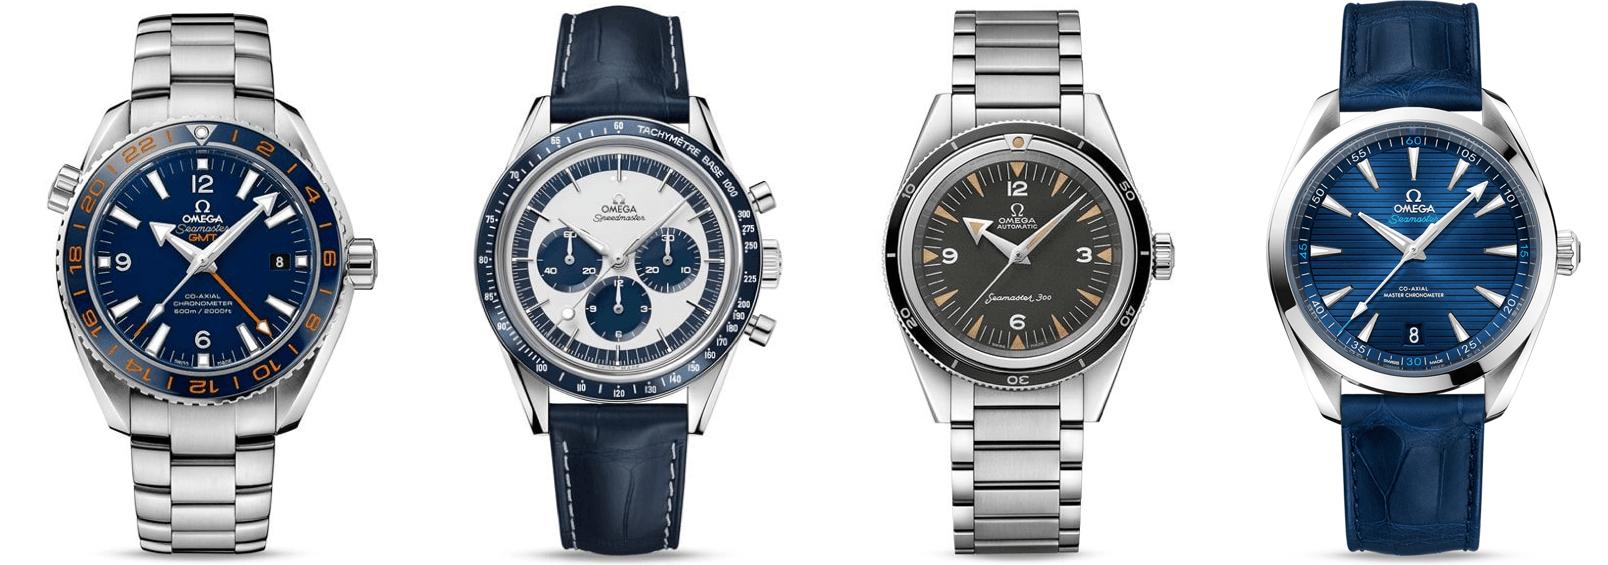 sell omega watches atlanta - Sell OMEGA Watches Atlanta